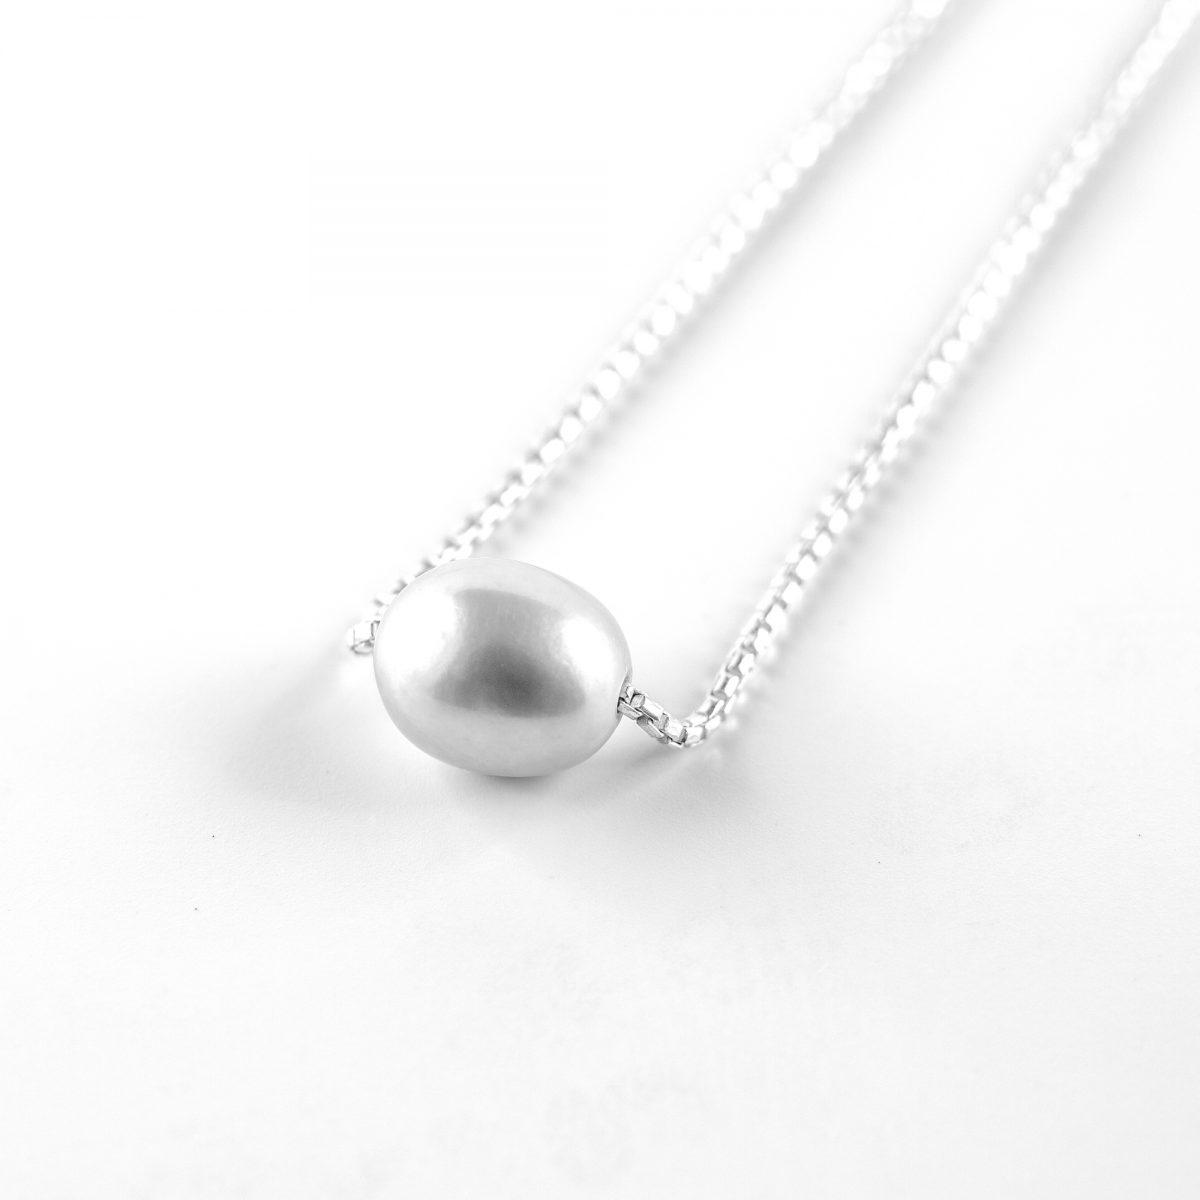 collier perle de culture perle de jade